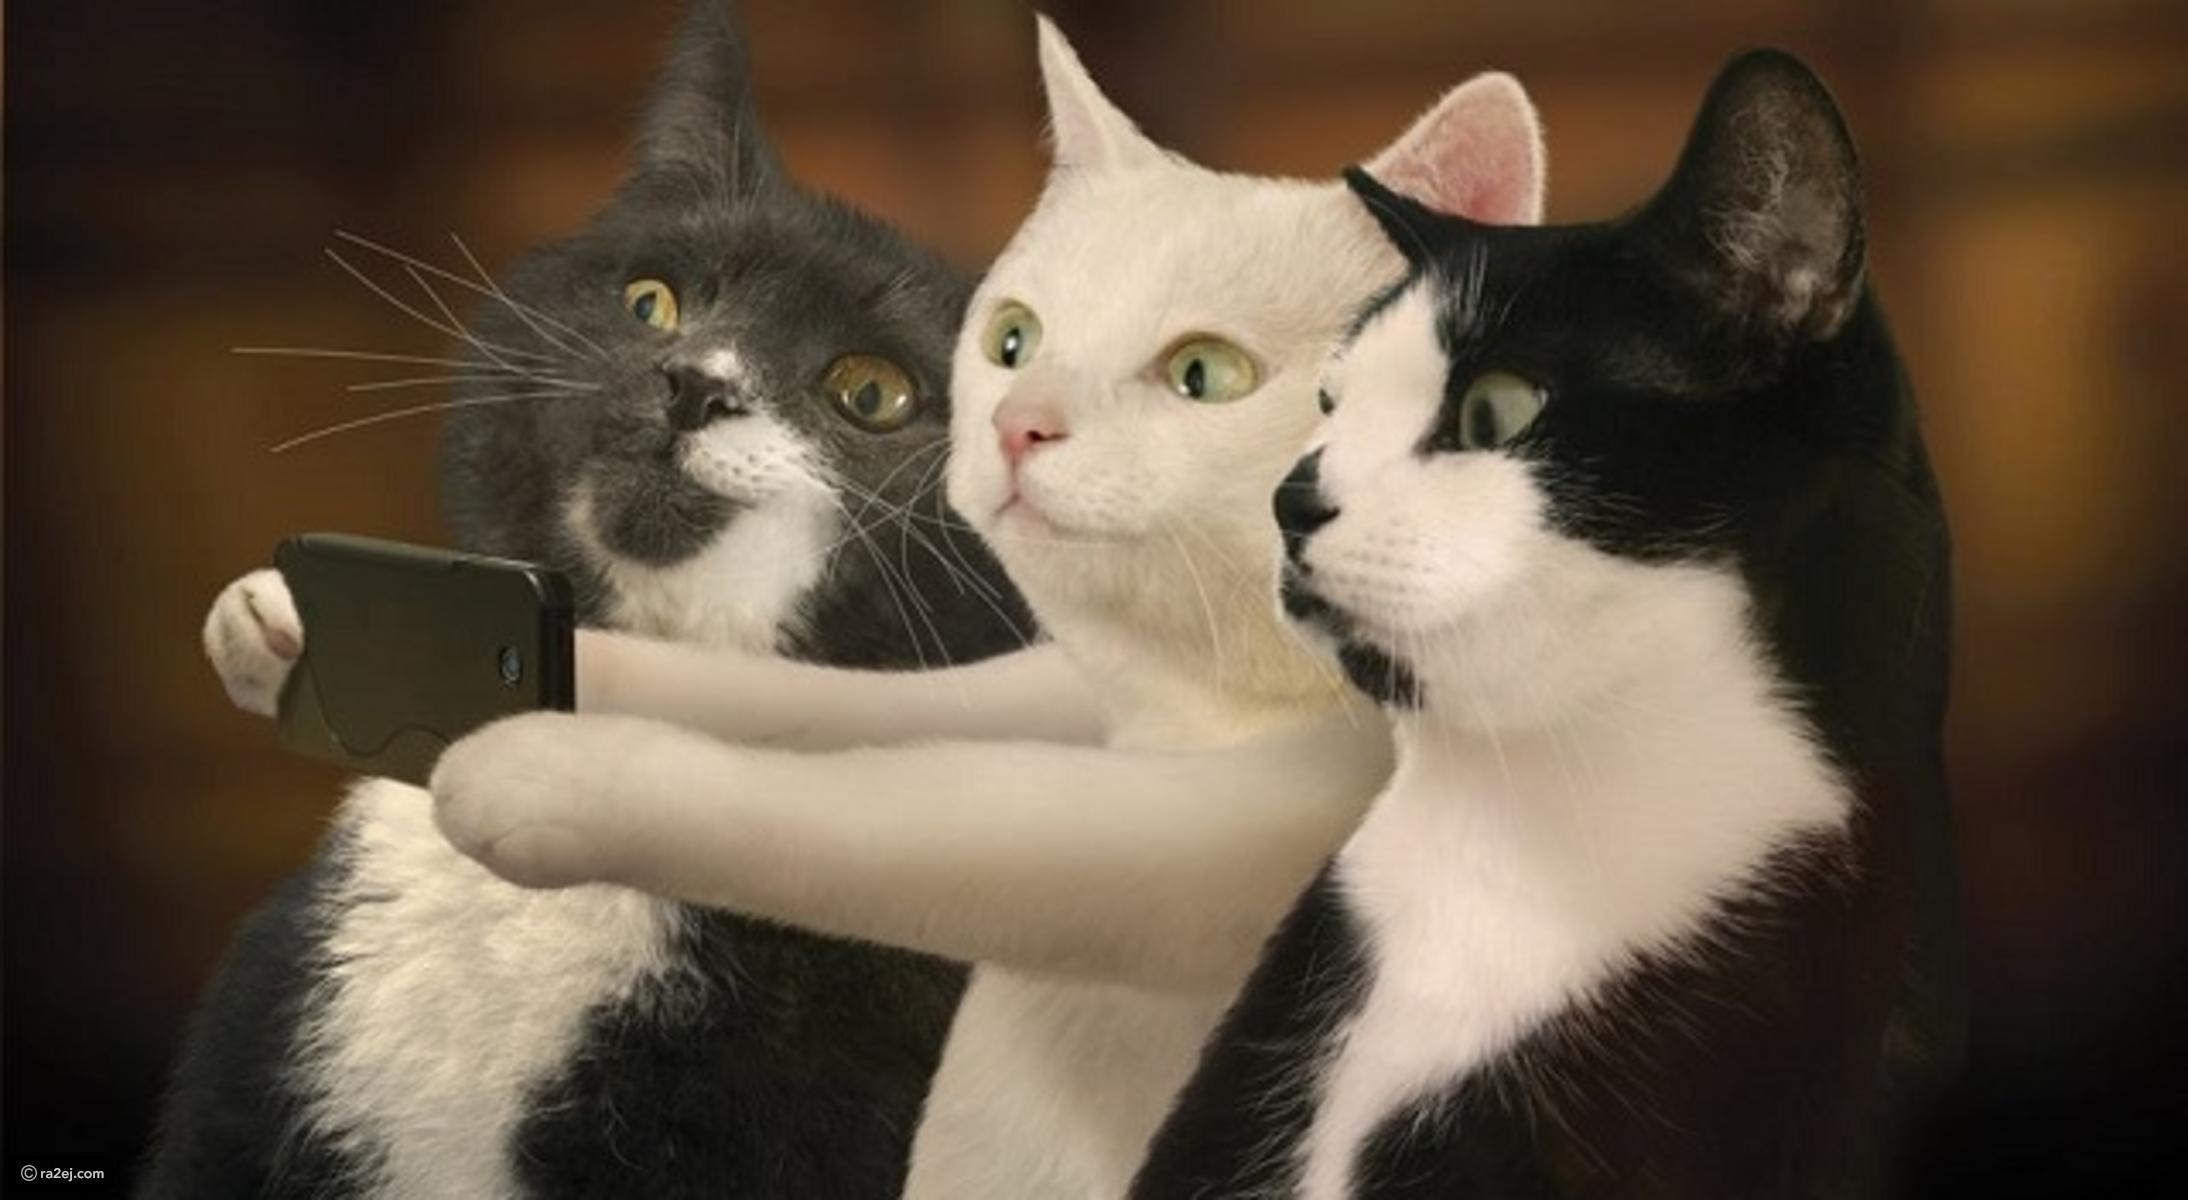 صور قطط مضحكة , احلى قطة مهضومة